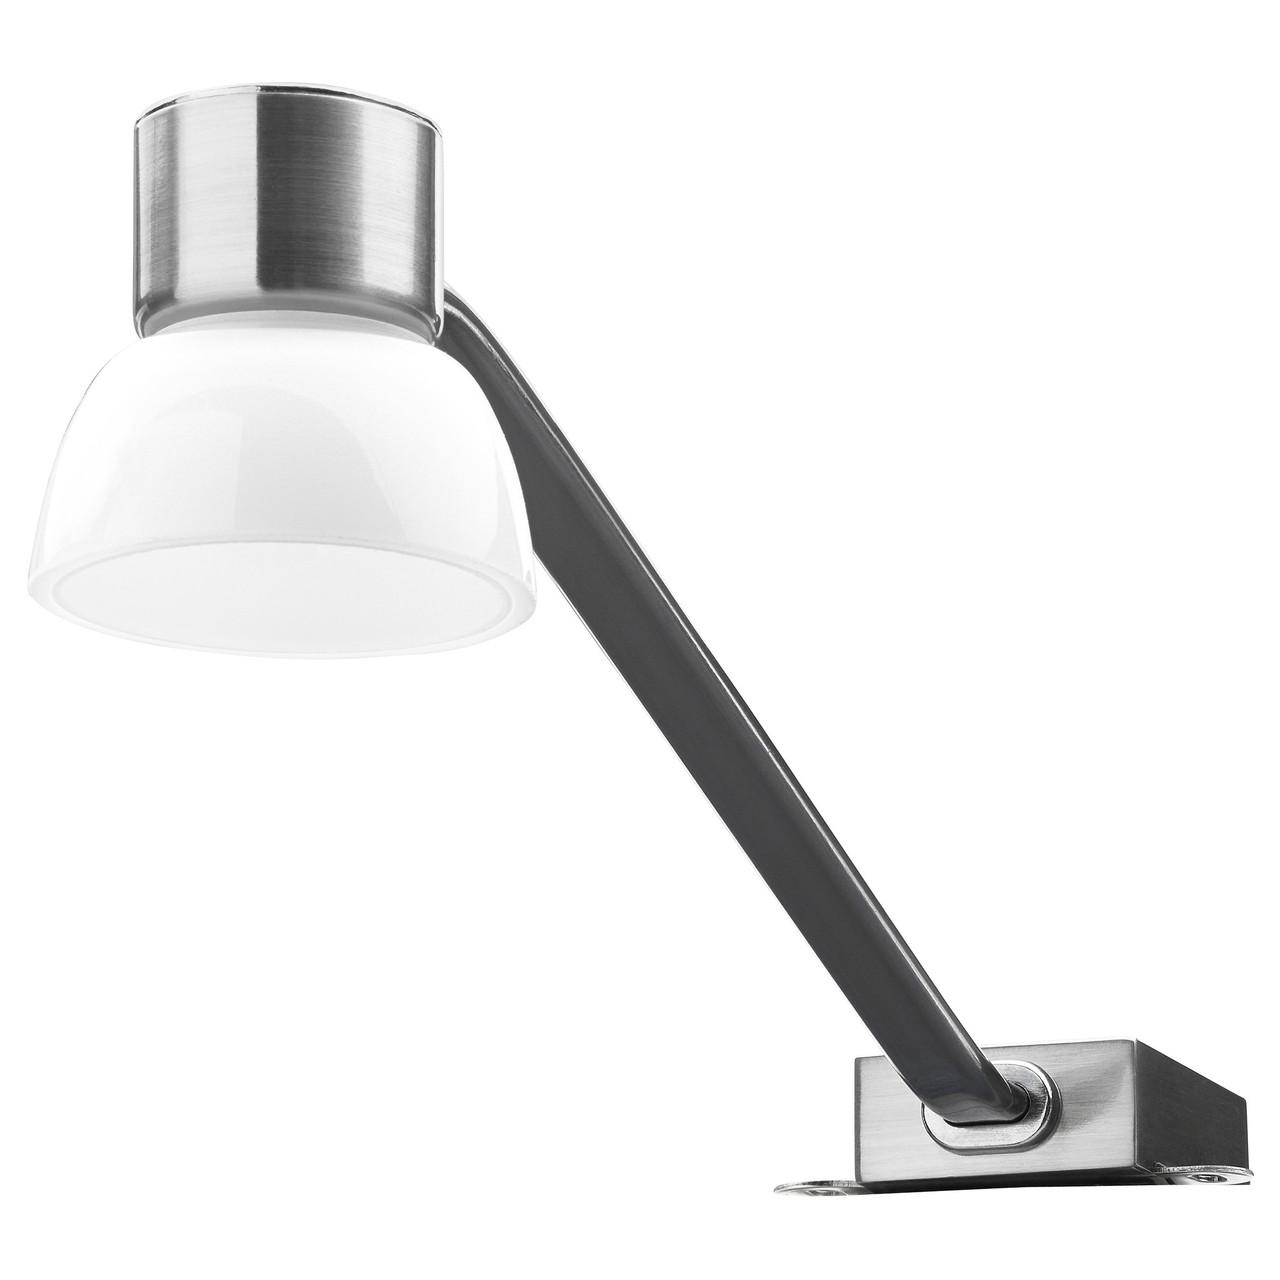 LINDSHULT Освещение стеллажные LED, niklowano 102.604.36